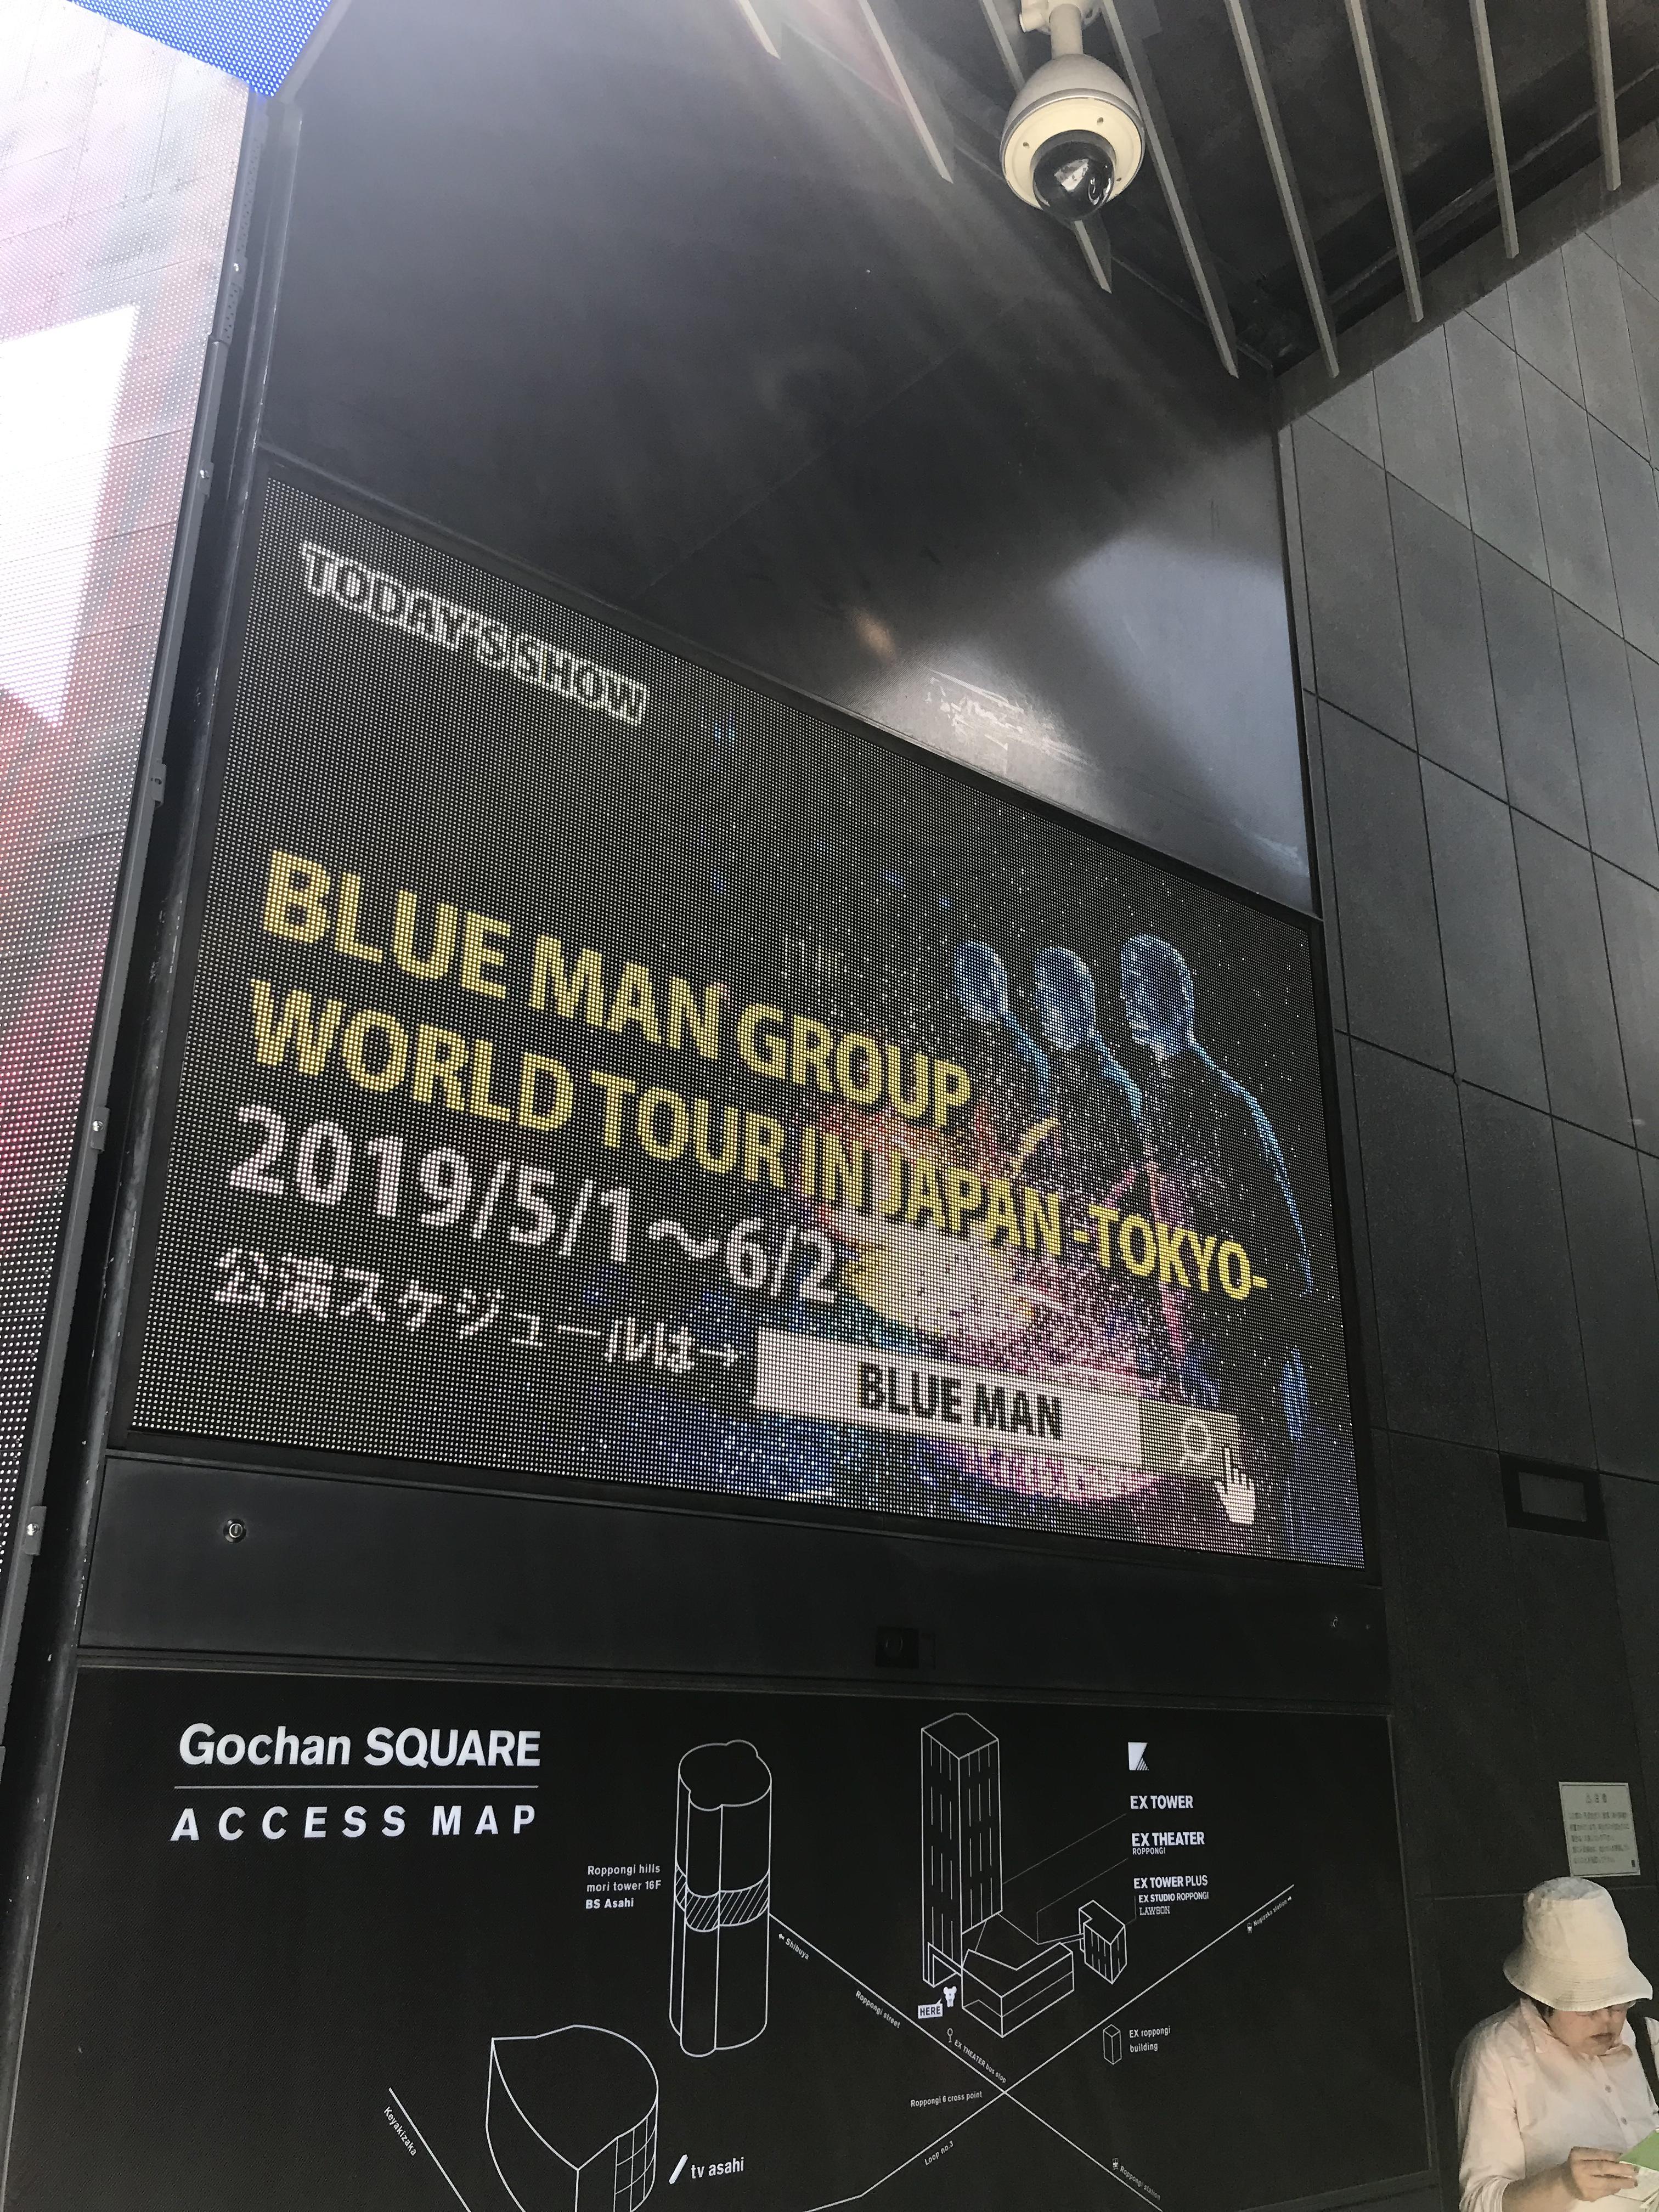 【2019】ブルーマングループワールドツアー 2019ポンチョ席で行ってきました。どれくらい汚れる?感想 口コミ いつまで?ネタバレあり